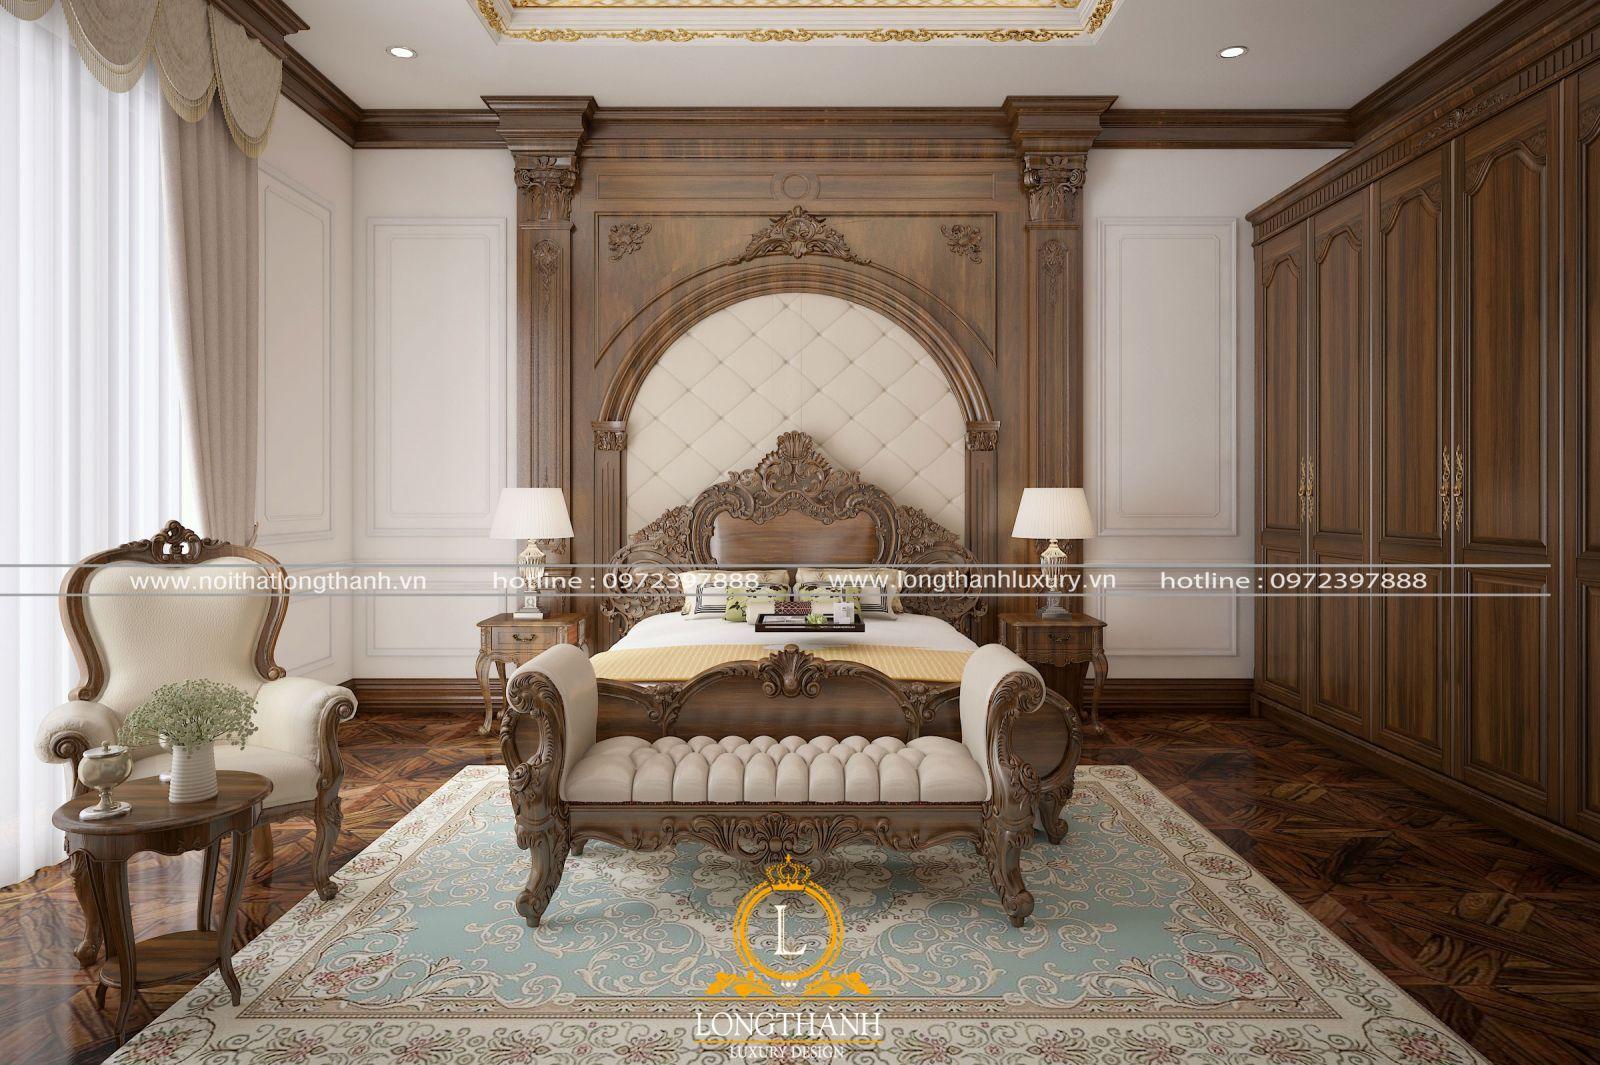 Chất liệu và màu sắc phòng ngủ tân cổ điển cần hài hòa với tổng thể không gian